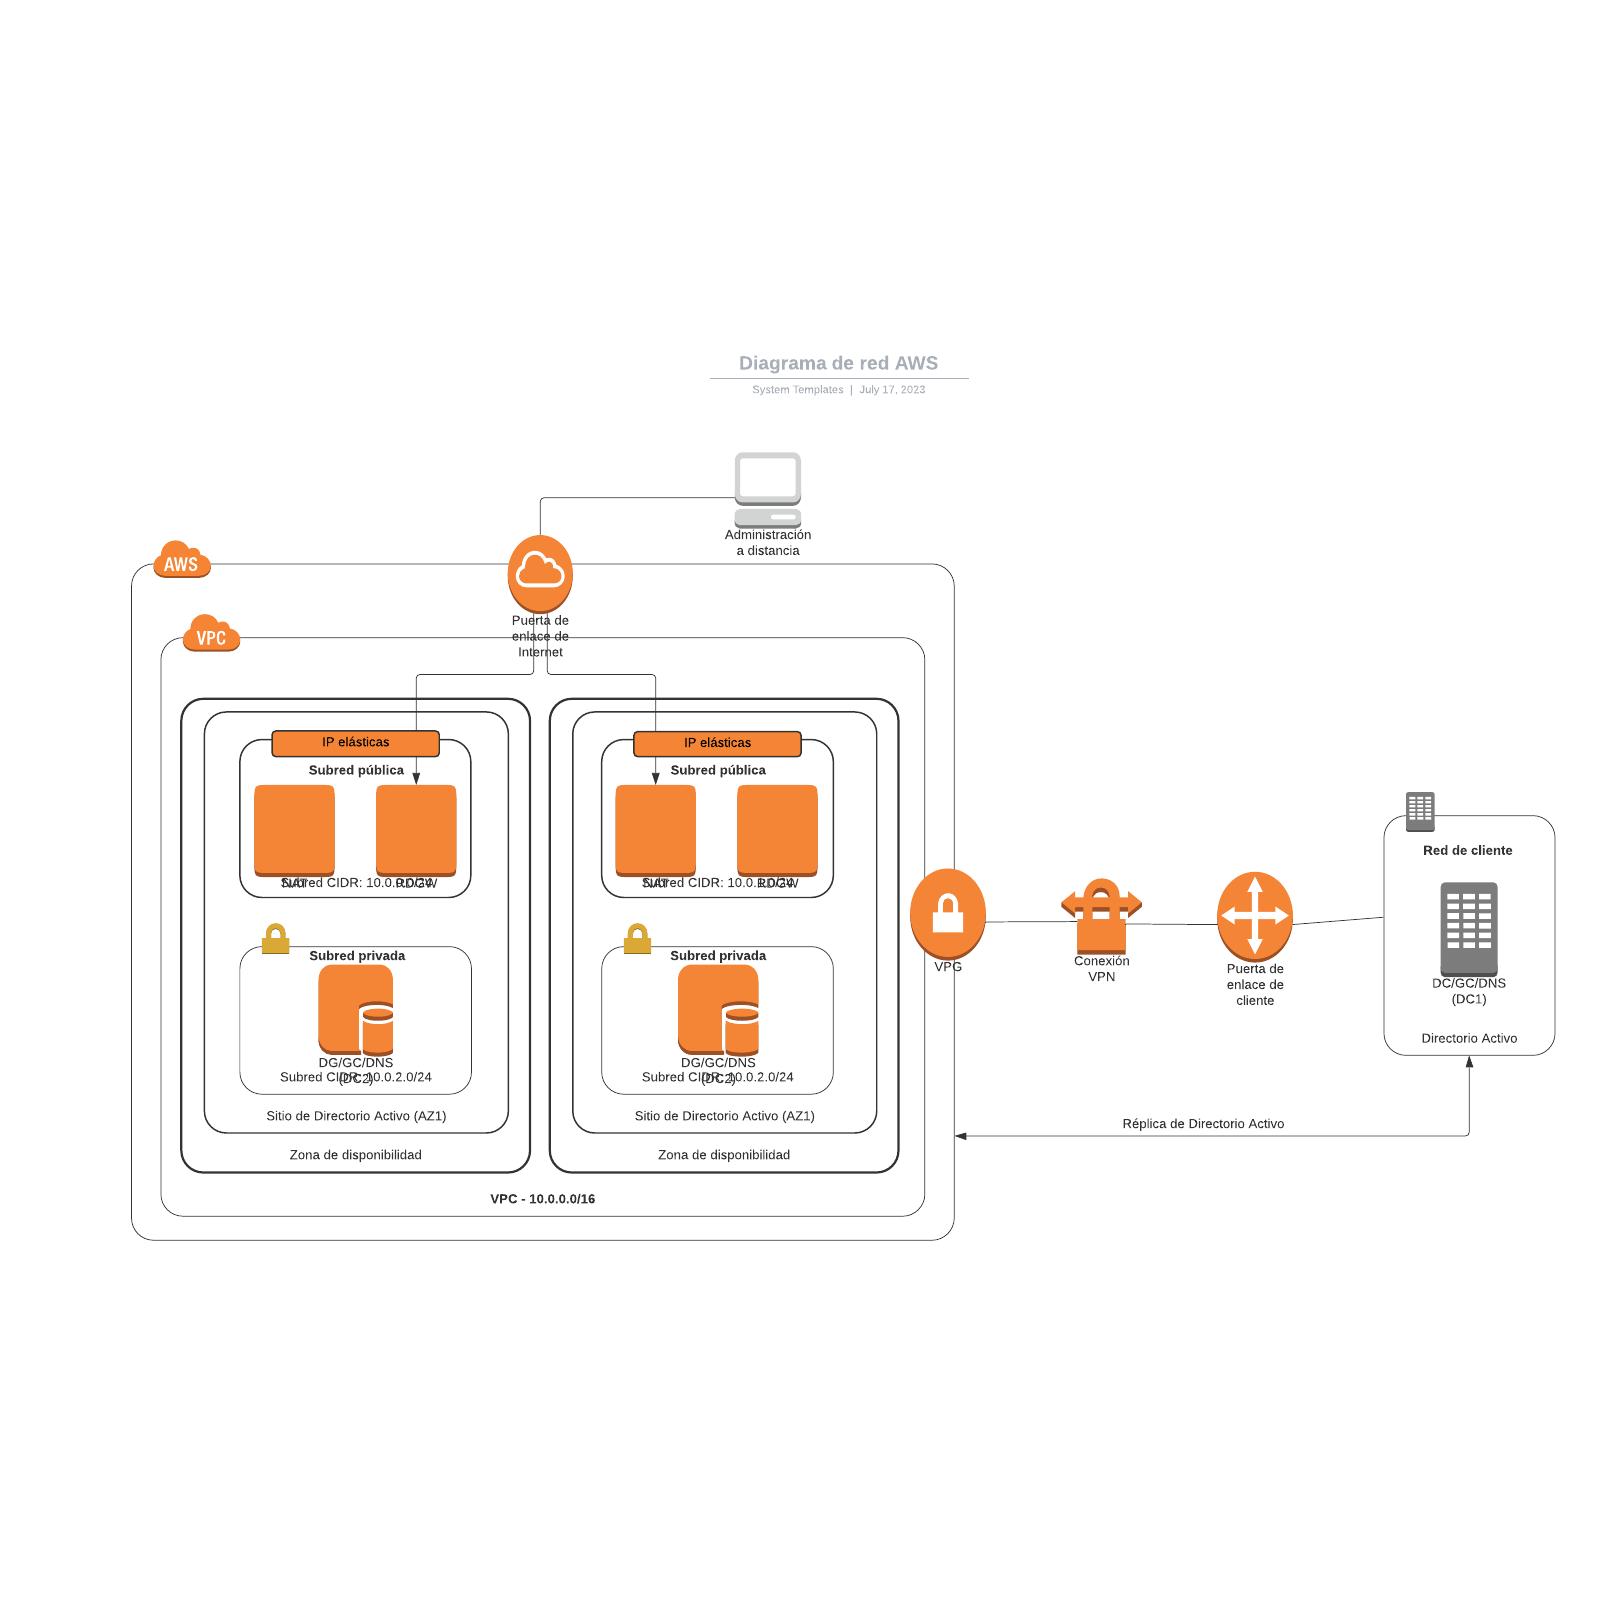 Diagrama de red AWS